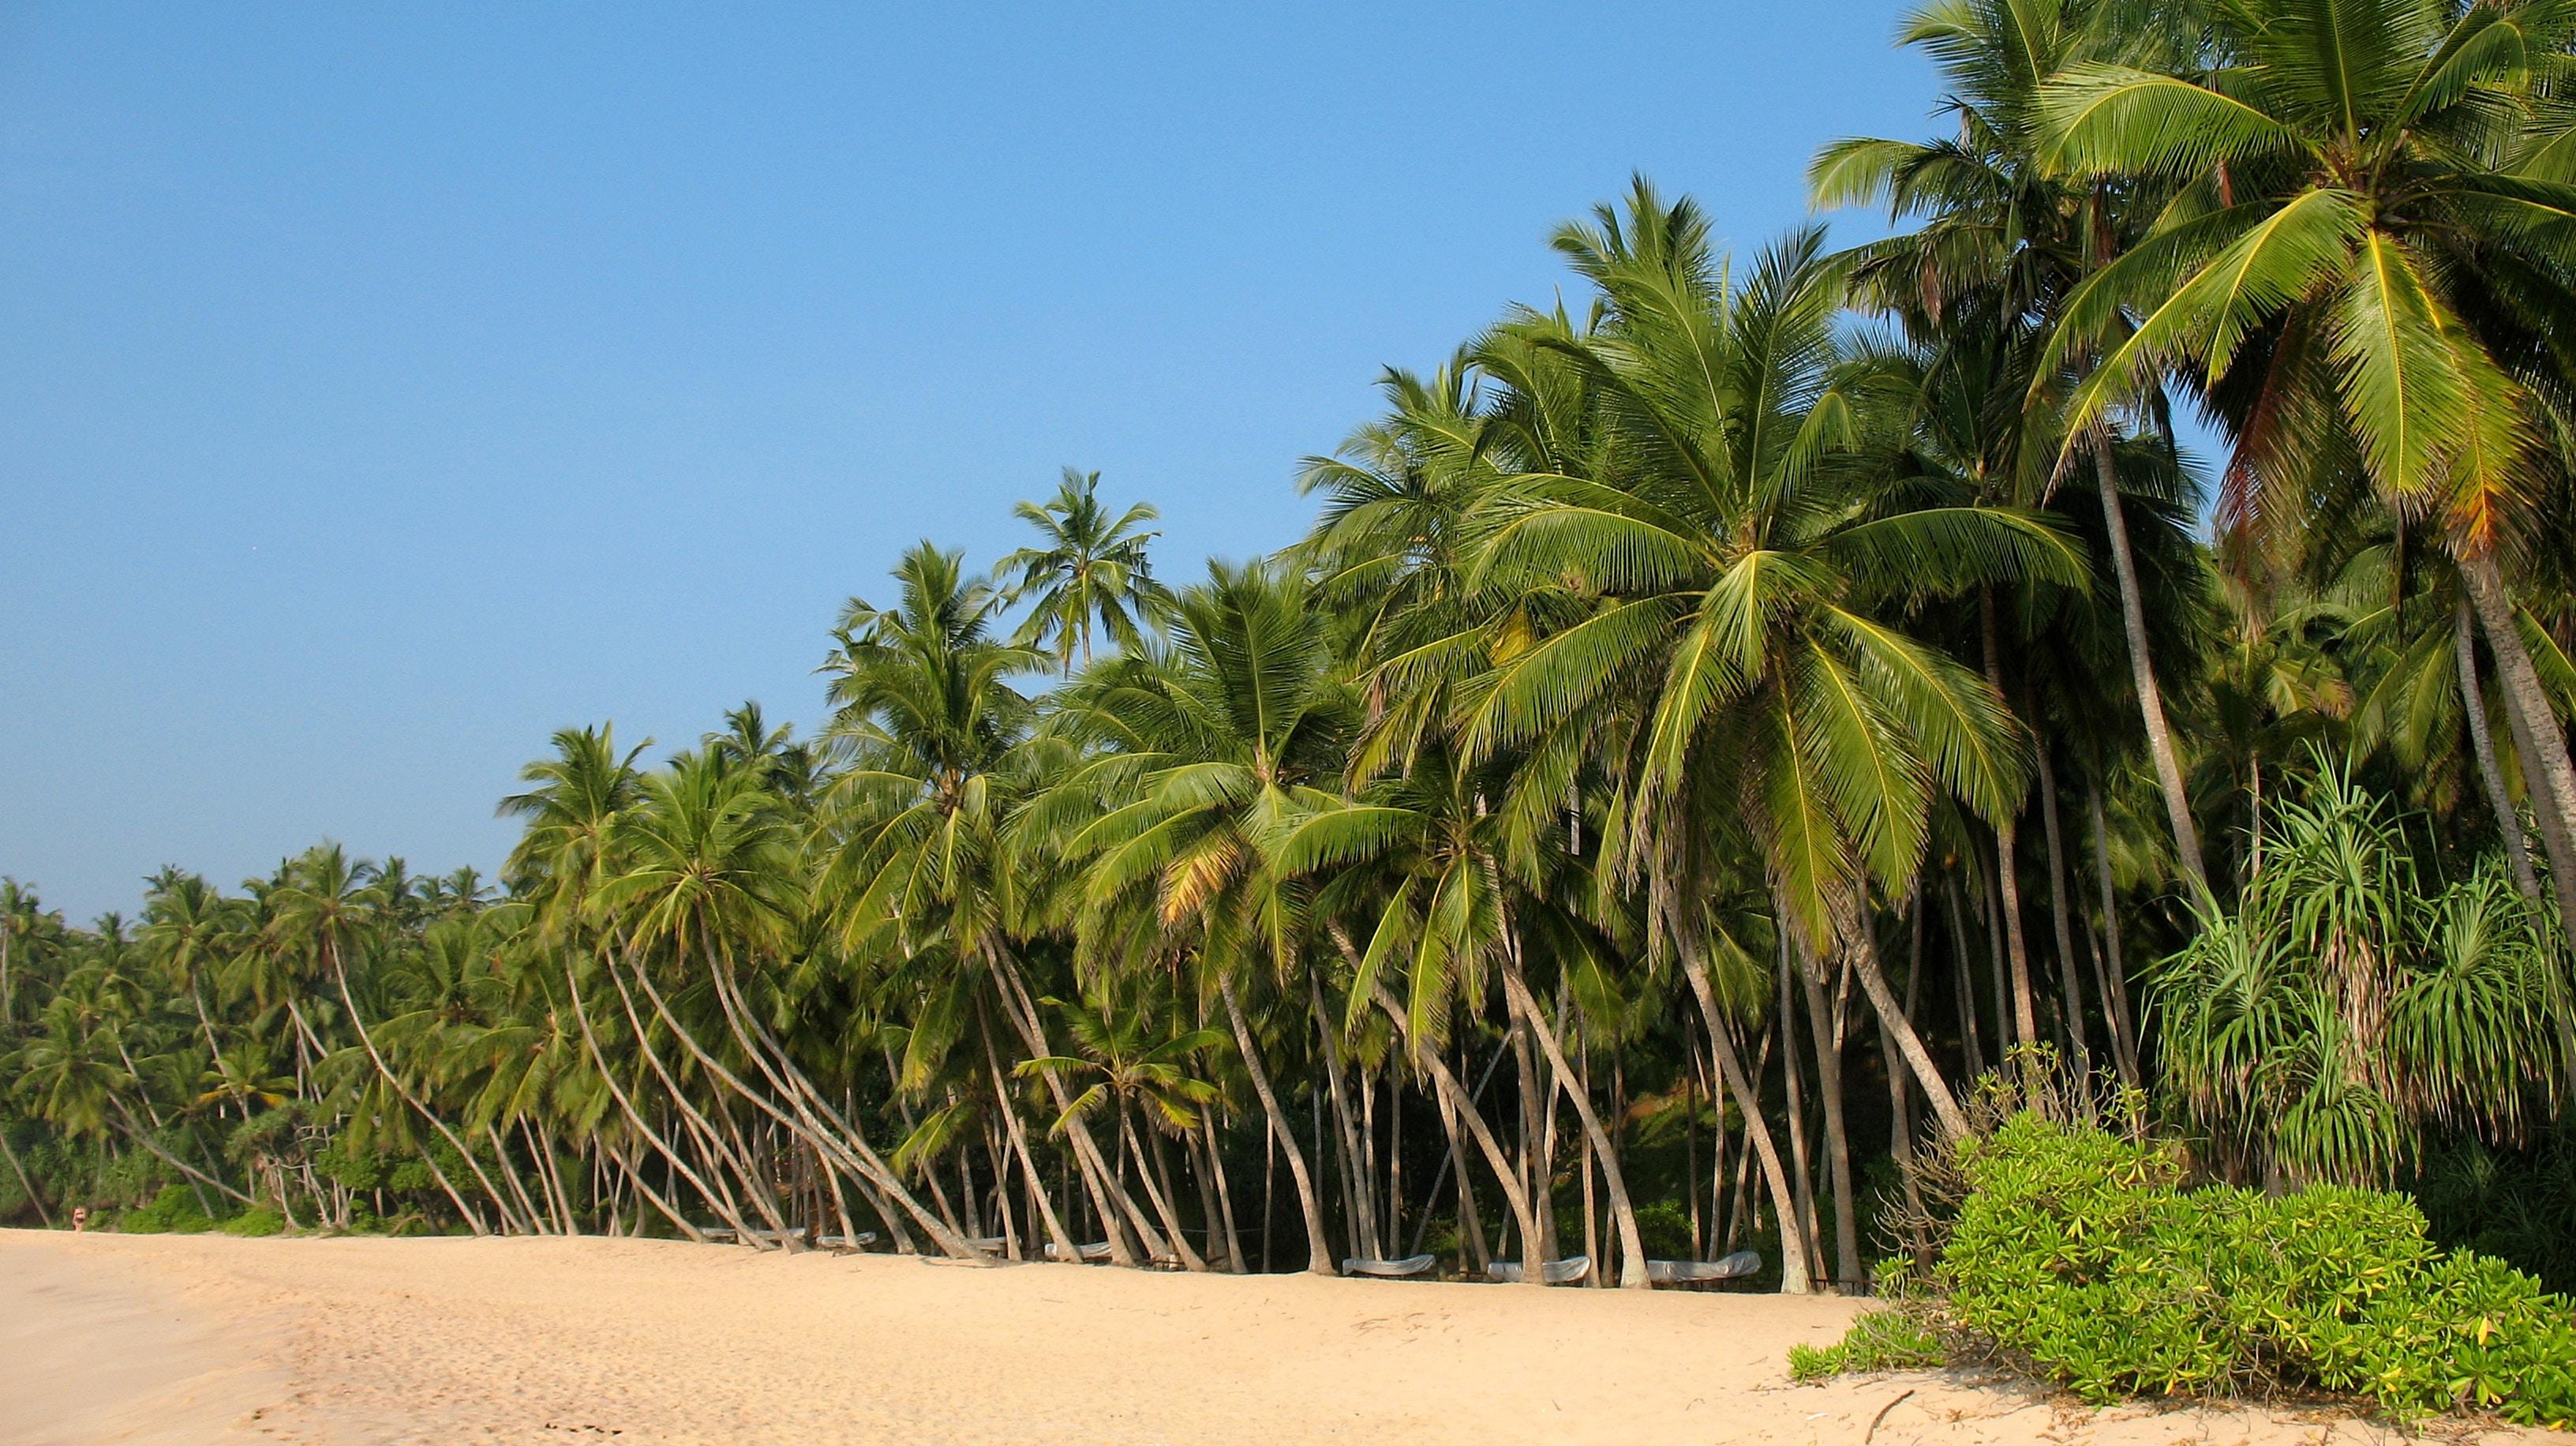 шрі ланка пляж з кокосовими деревами